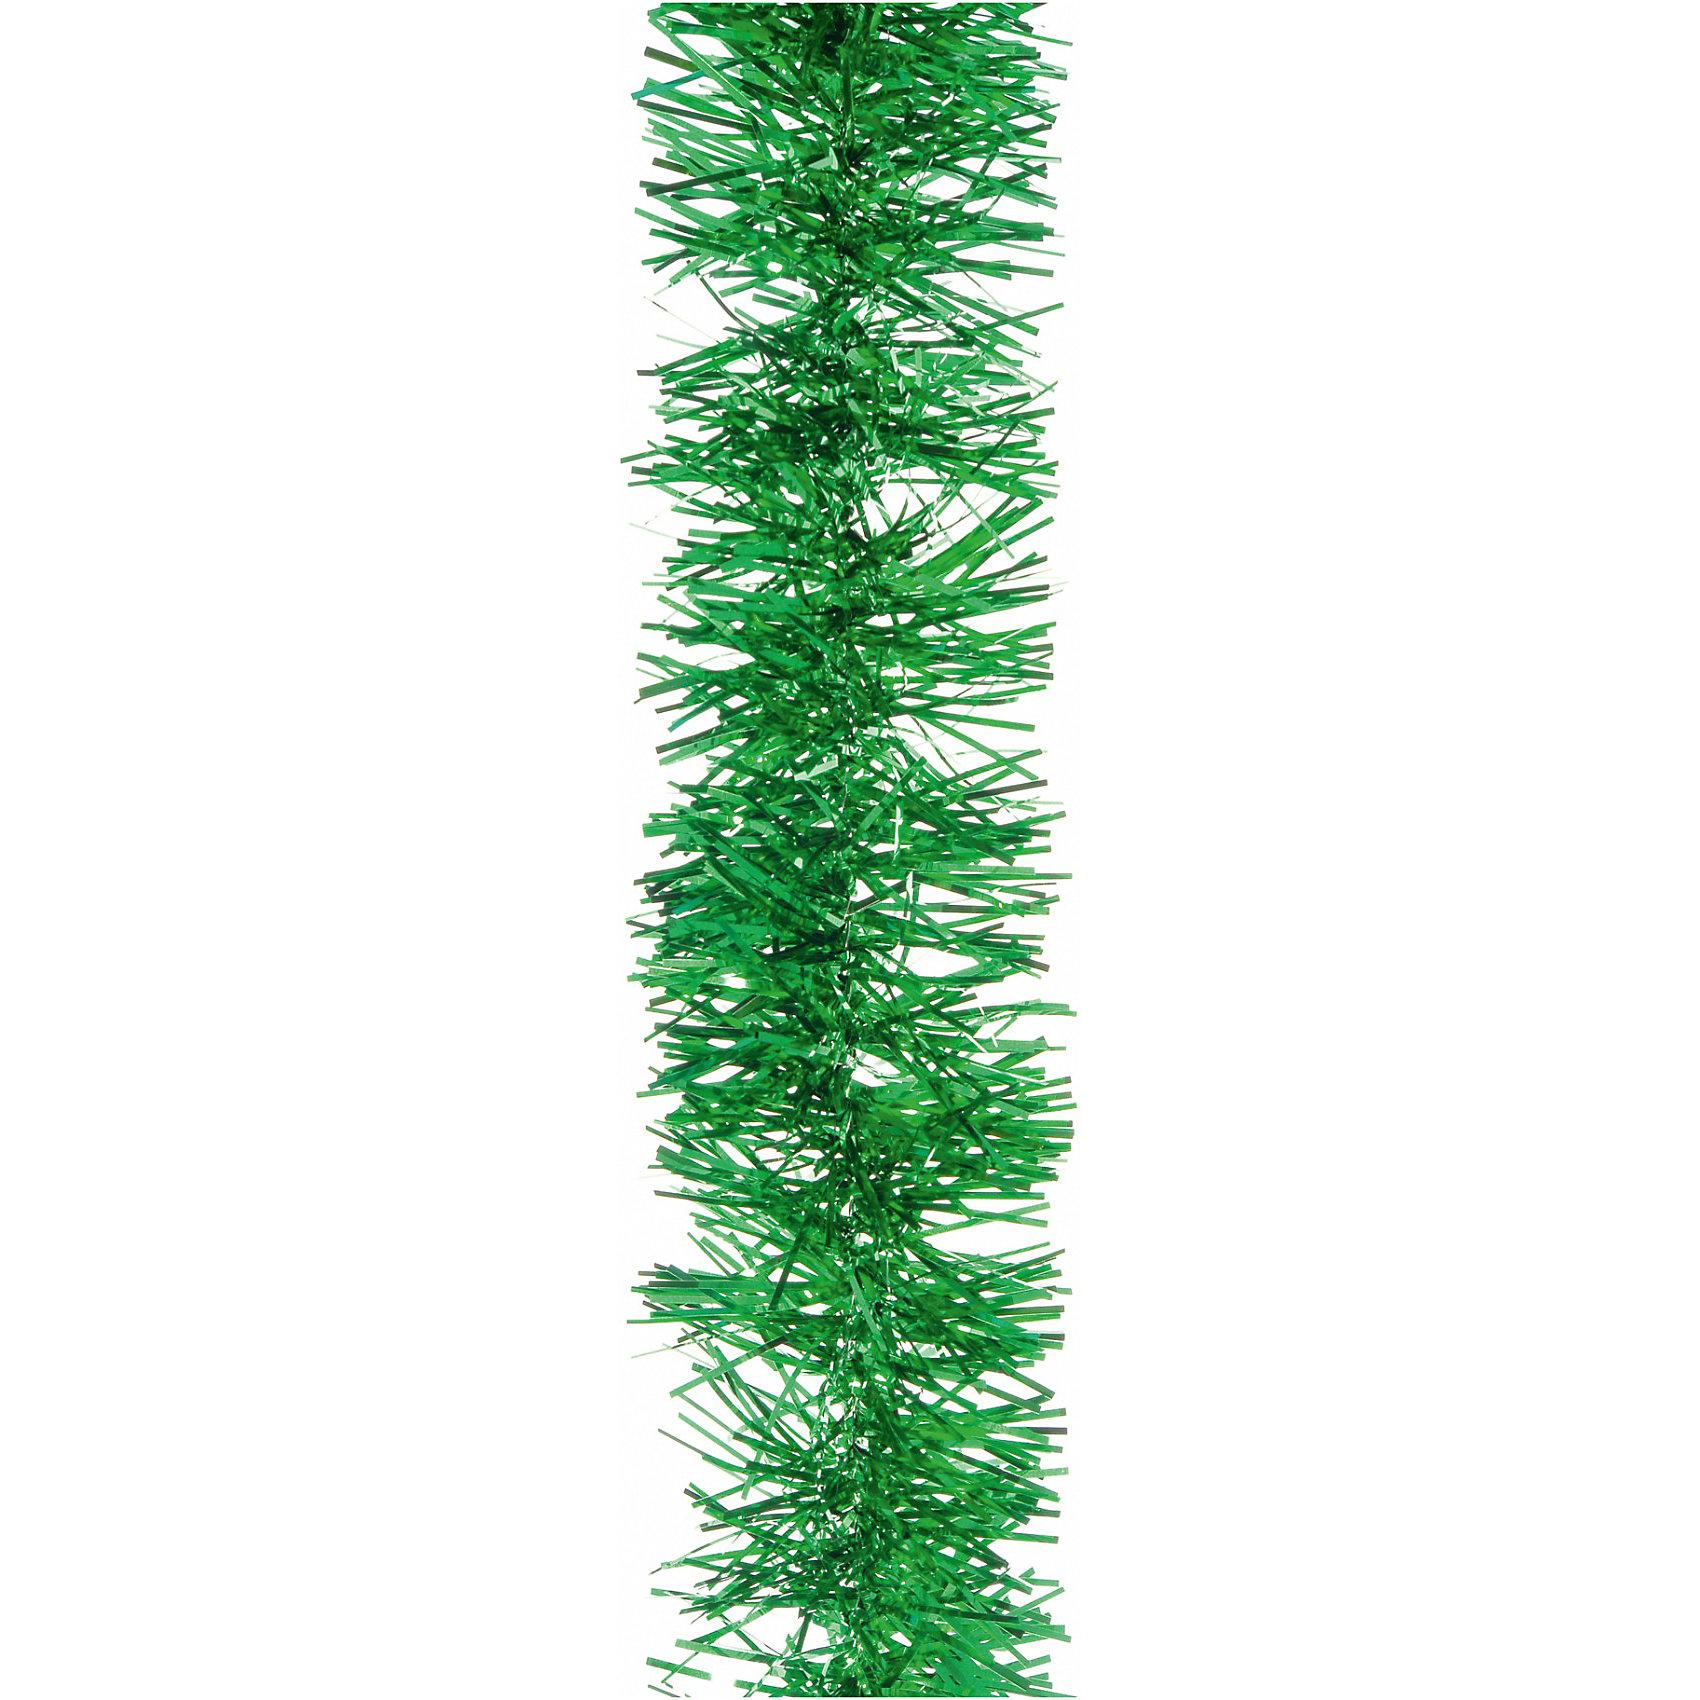 Мишура 4 слоя, 7 см х 2 м, цвет - зеленыйМишура T-9708, Волшебная страна станет замечательным украшением Вашей новогодней елки или интерьера и поможет создать праздничную волшебную атмосферу. Мишура<br>красивого изумрудно-зеленого цвета состоит из четырех слоев, она будет чудесно смотреться на елке и радовать детей и взрослых. <br><br>Дополнительная информация:<br><br>- Цвет: зеленый.<br>- Размер мишуры: 7 см. х 2 м.<br>- Вес: 61 гр. <br><br>Мишуру T-9708, 4 слоя, Волшебная страна можно купить в нашем интернет-магазине.<br><br>Ширина мм: 510<br>Глубина мм: 70<br>Высота мм: 70<br>Вес г: 61<br>Возраст от месяцев: 60<br>Возраст до месяцев: 180<br>Пол: Унисекс<br>Возраст: Детский<br>SKU: 3791404